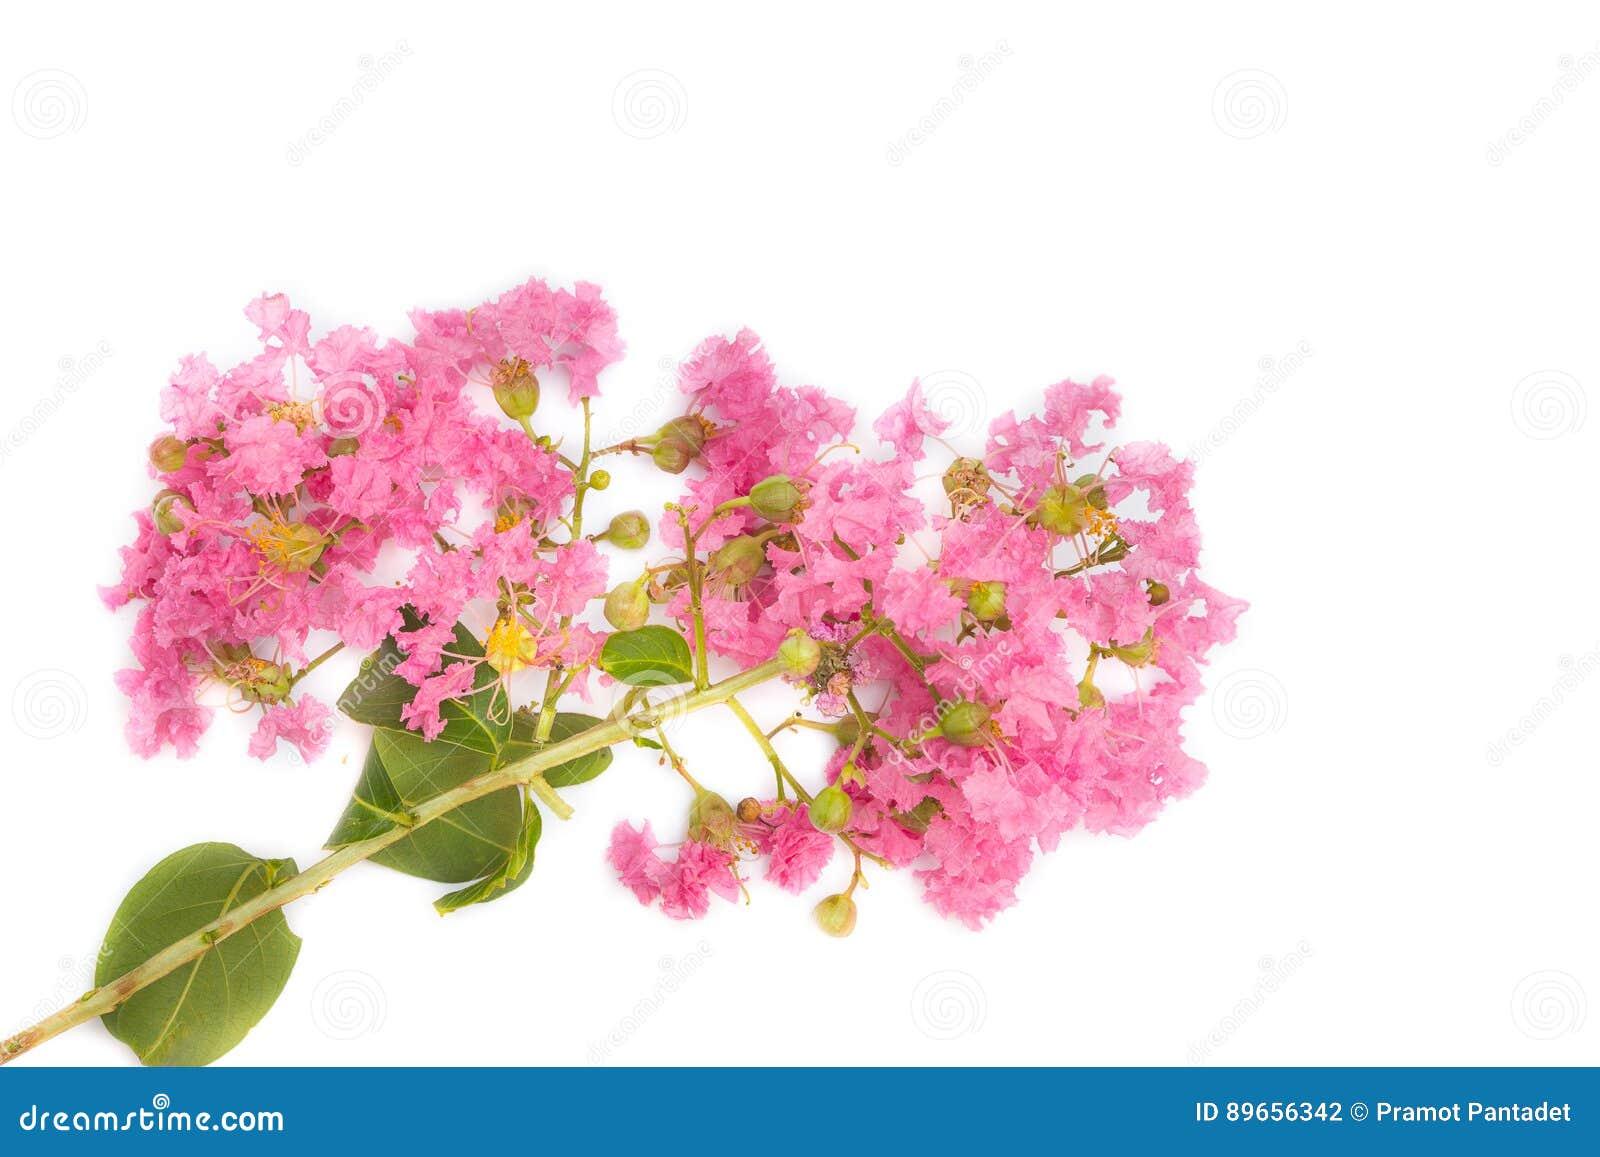 Speciosa De Lagerstroemia De Myrte De Crepe Ou Fleur Rose De Jarul